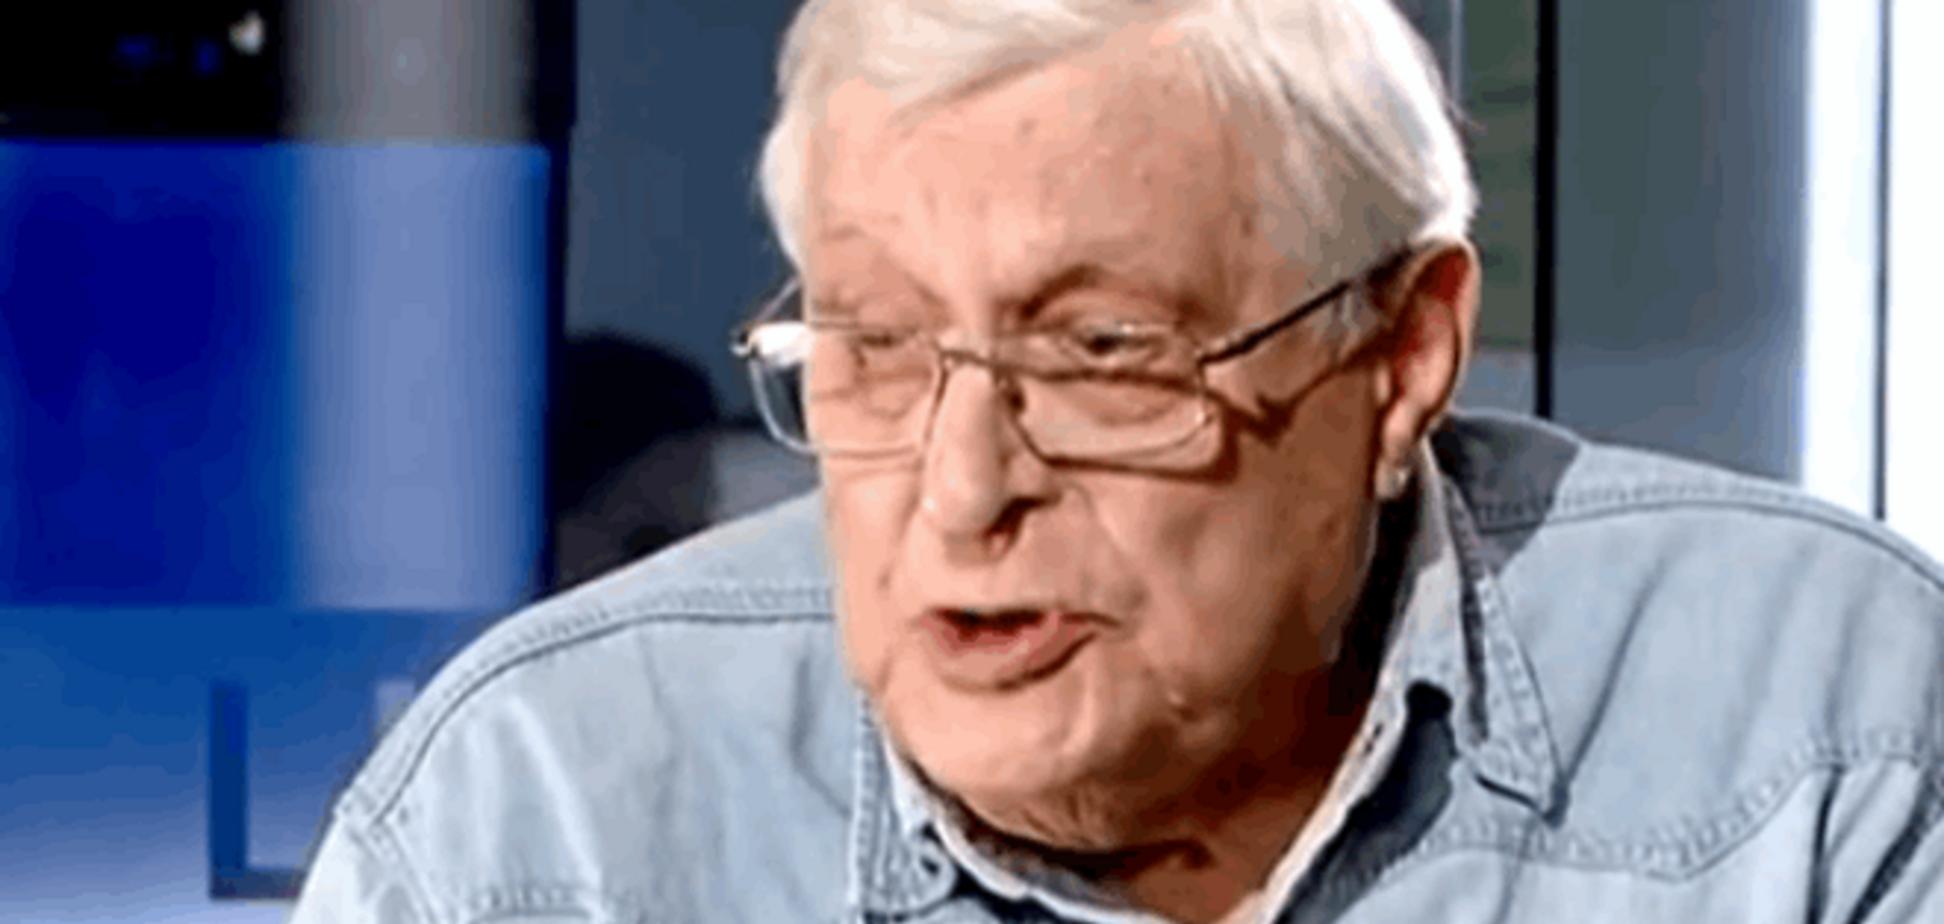 Басилашвілі засудив анексію Криму - Путін відкрив ящик Пандори: відеофакт